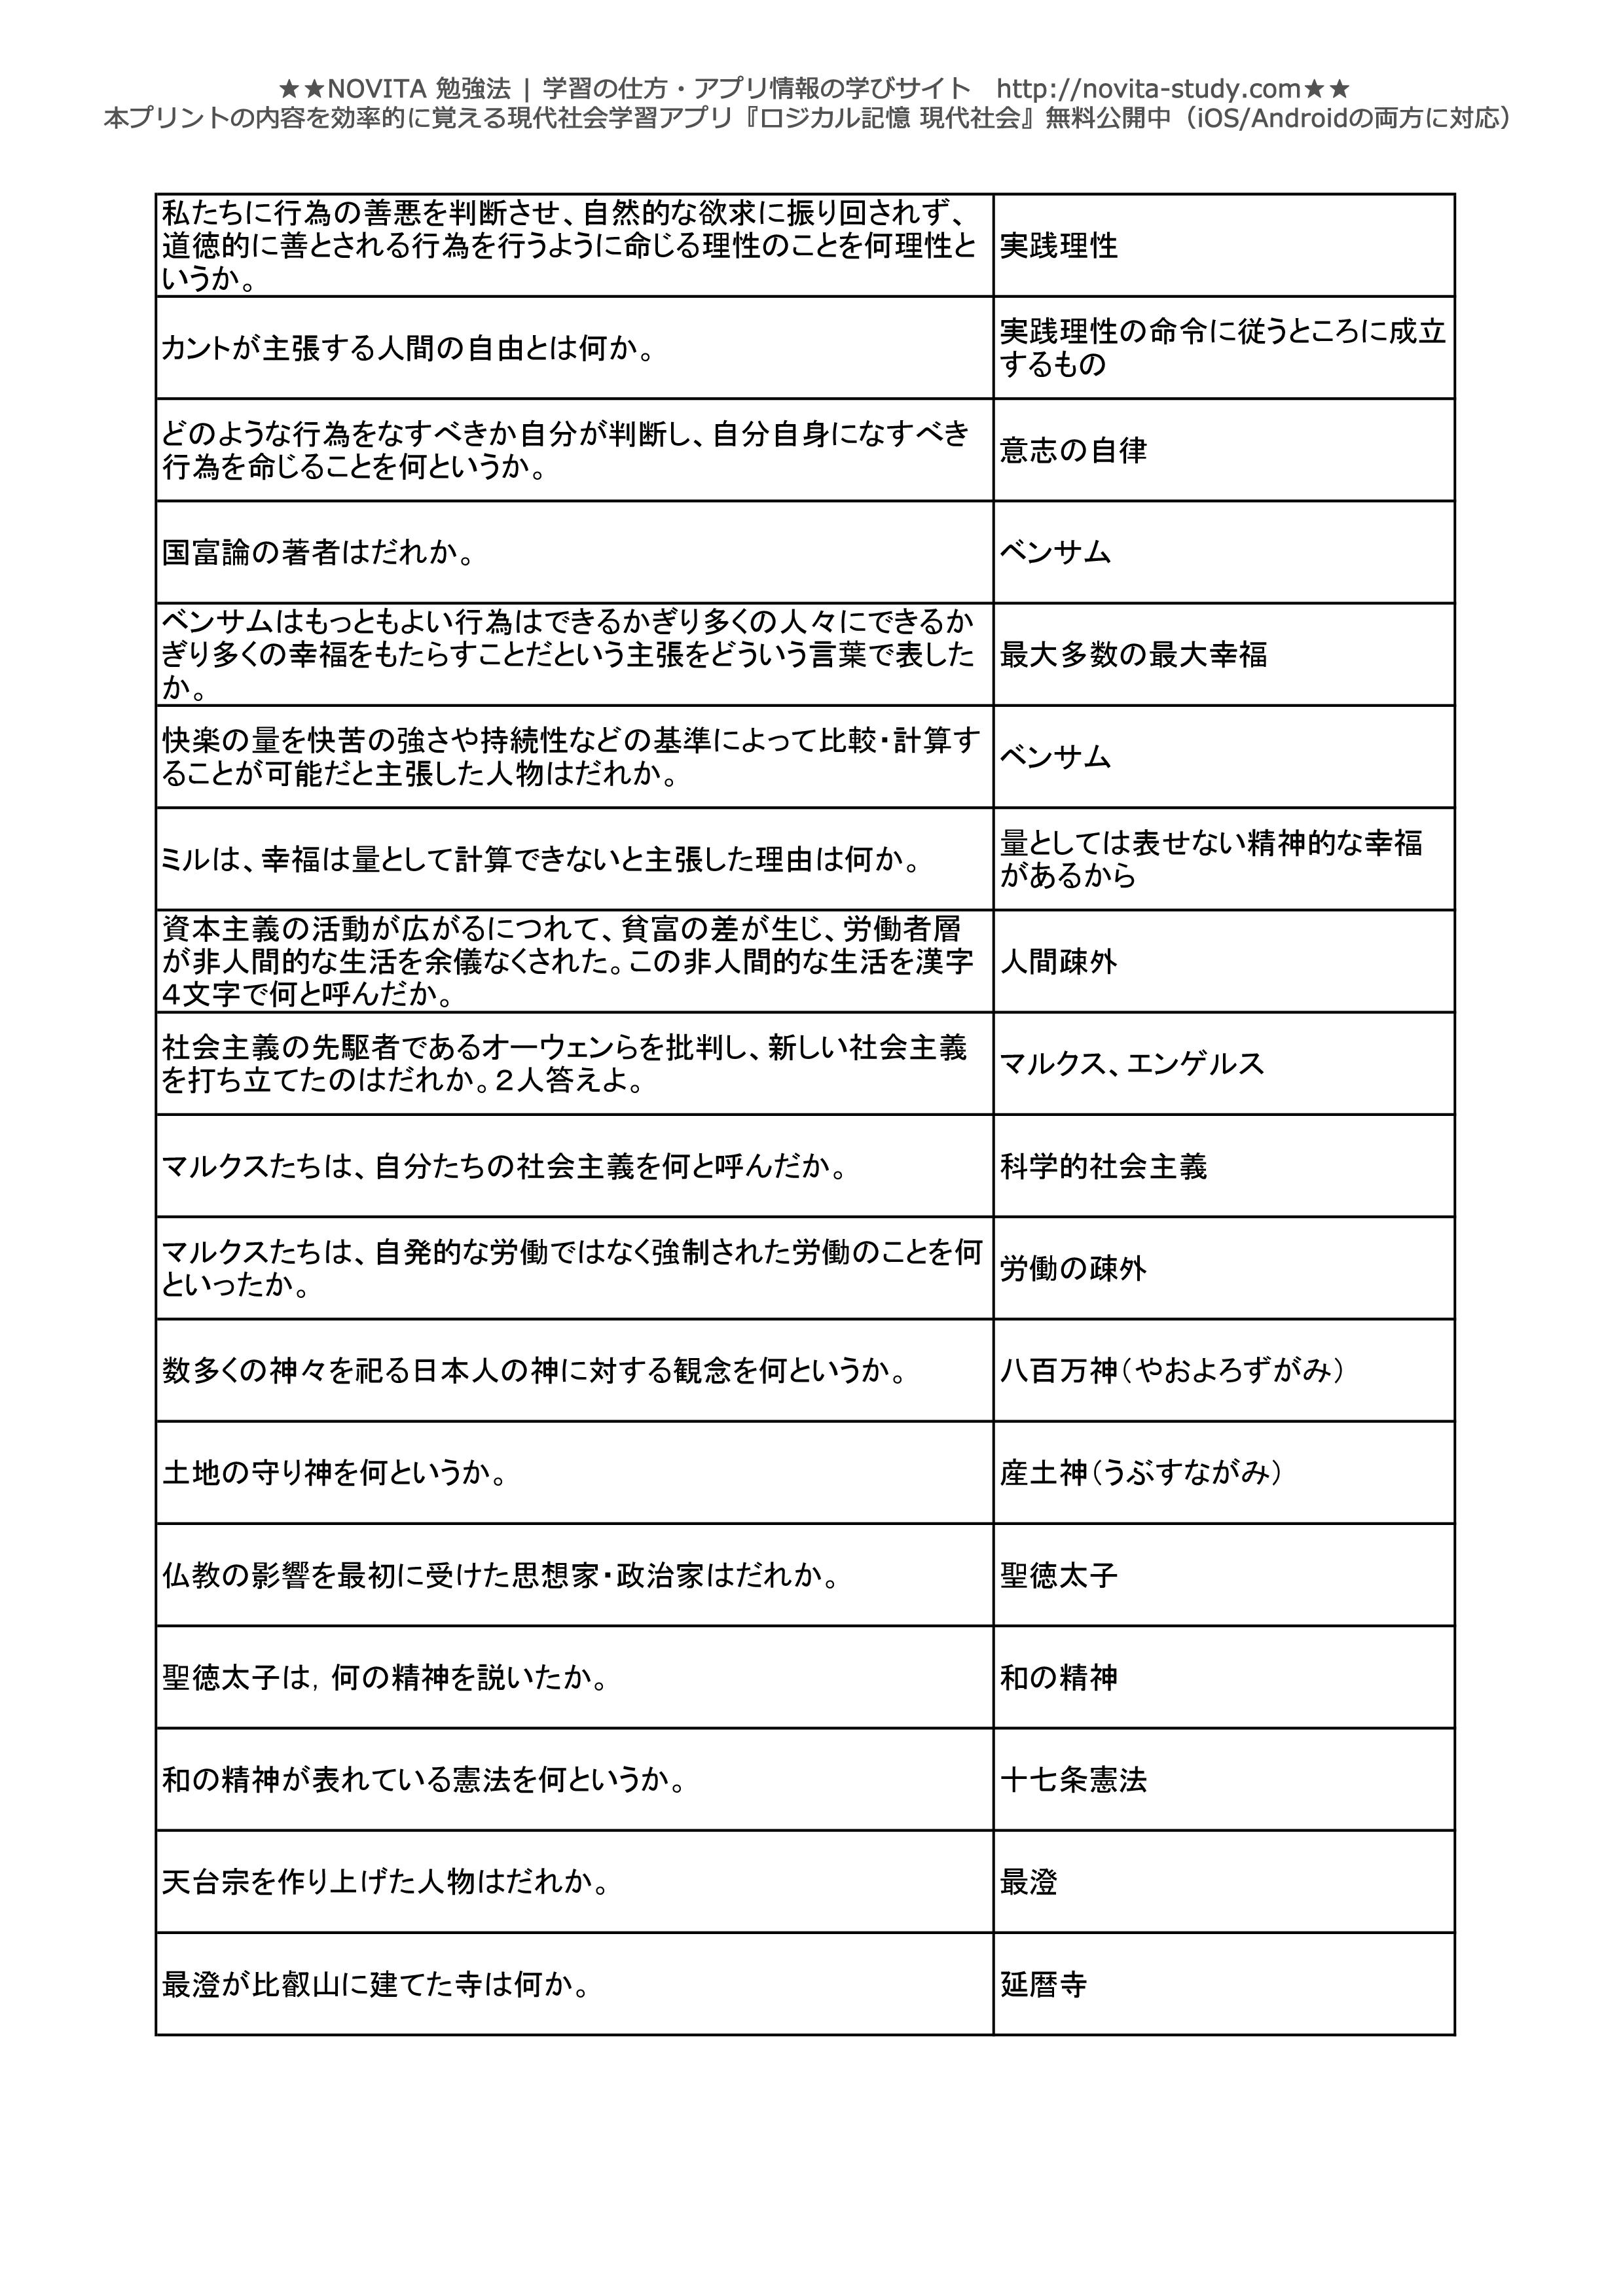 現代社会一問一答無料問題集-006